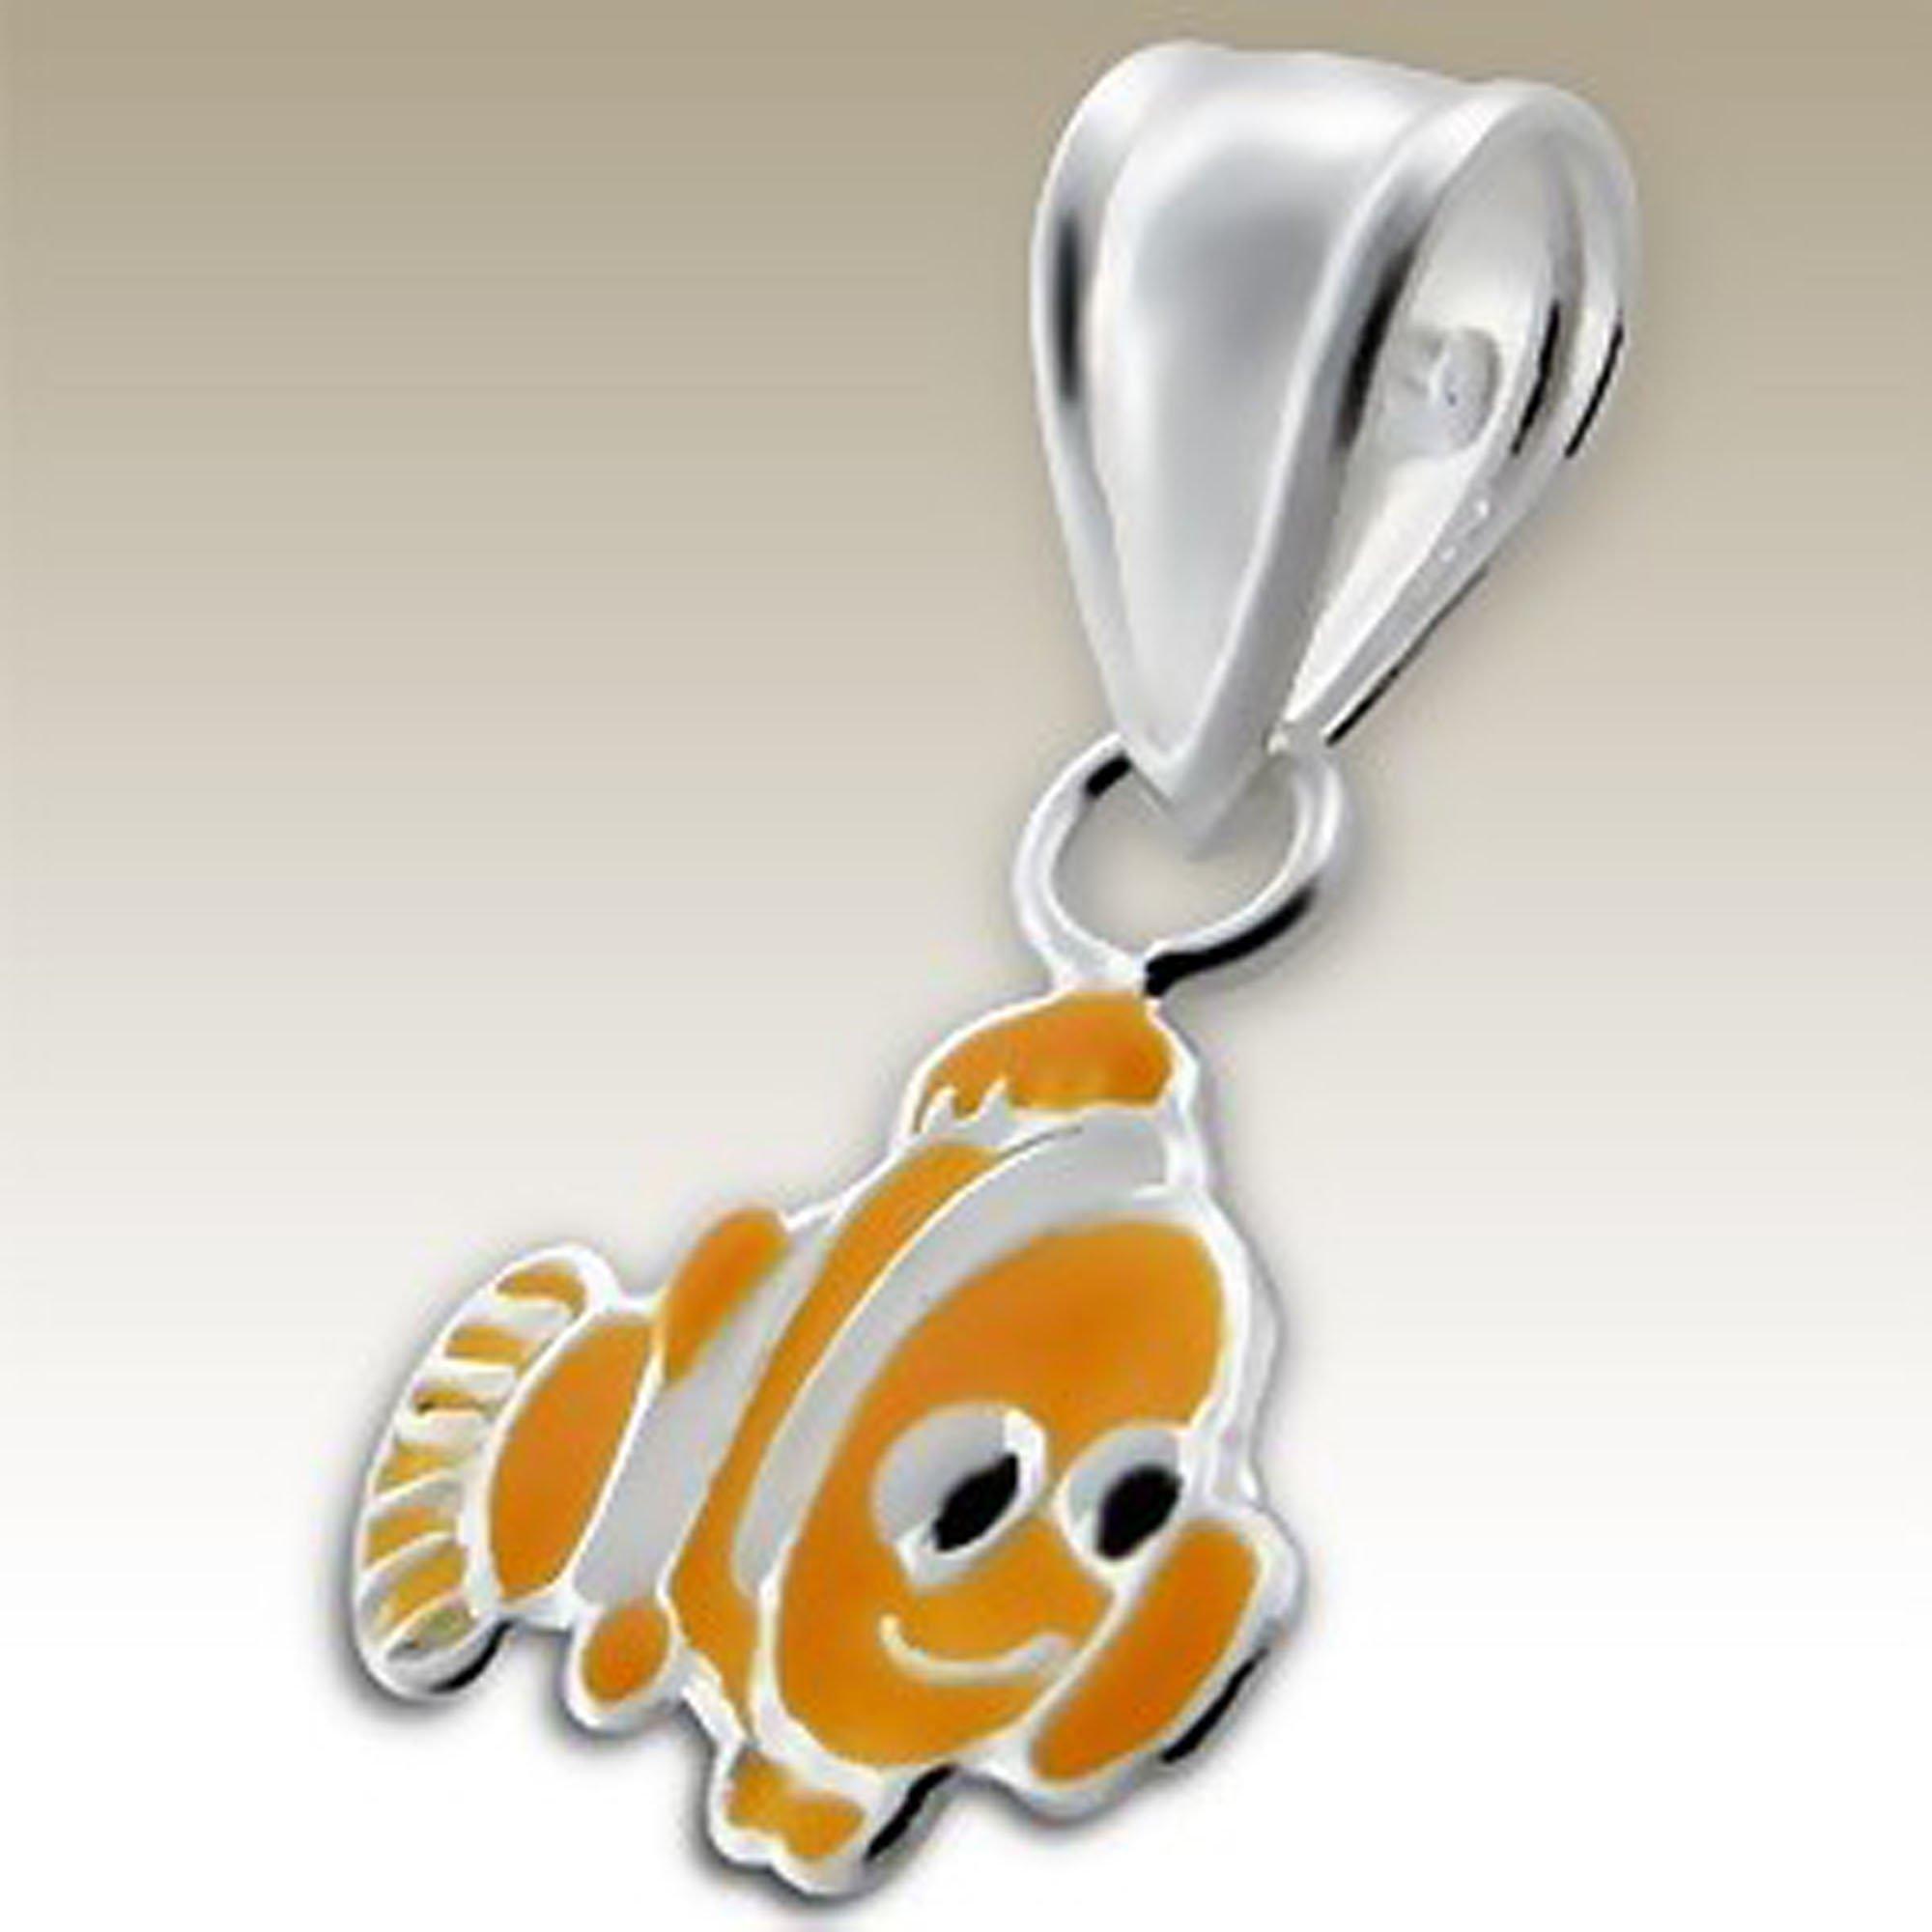 Orange Clown Fish Pendant Children Sterling Silver 925 Small (E13646)